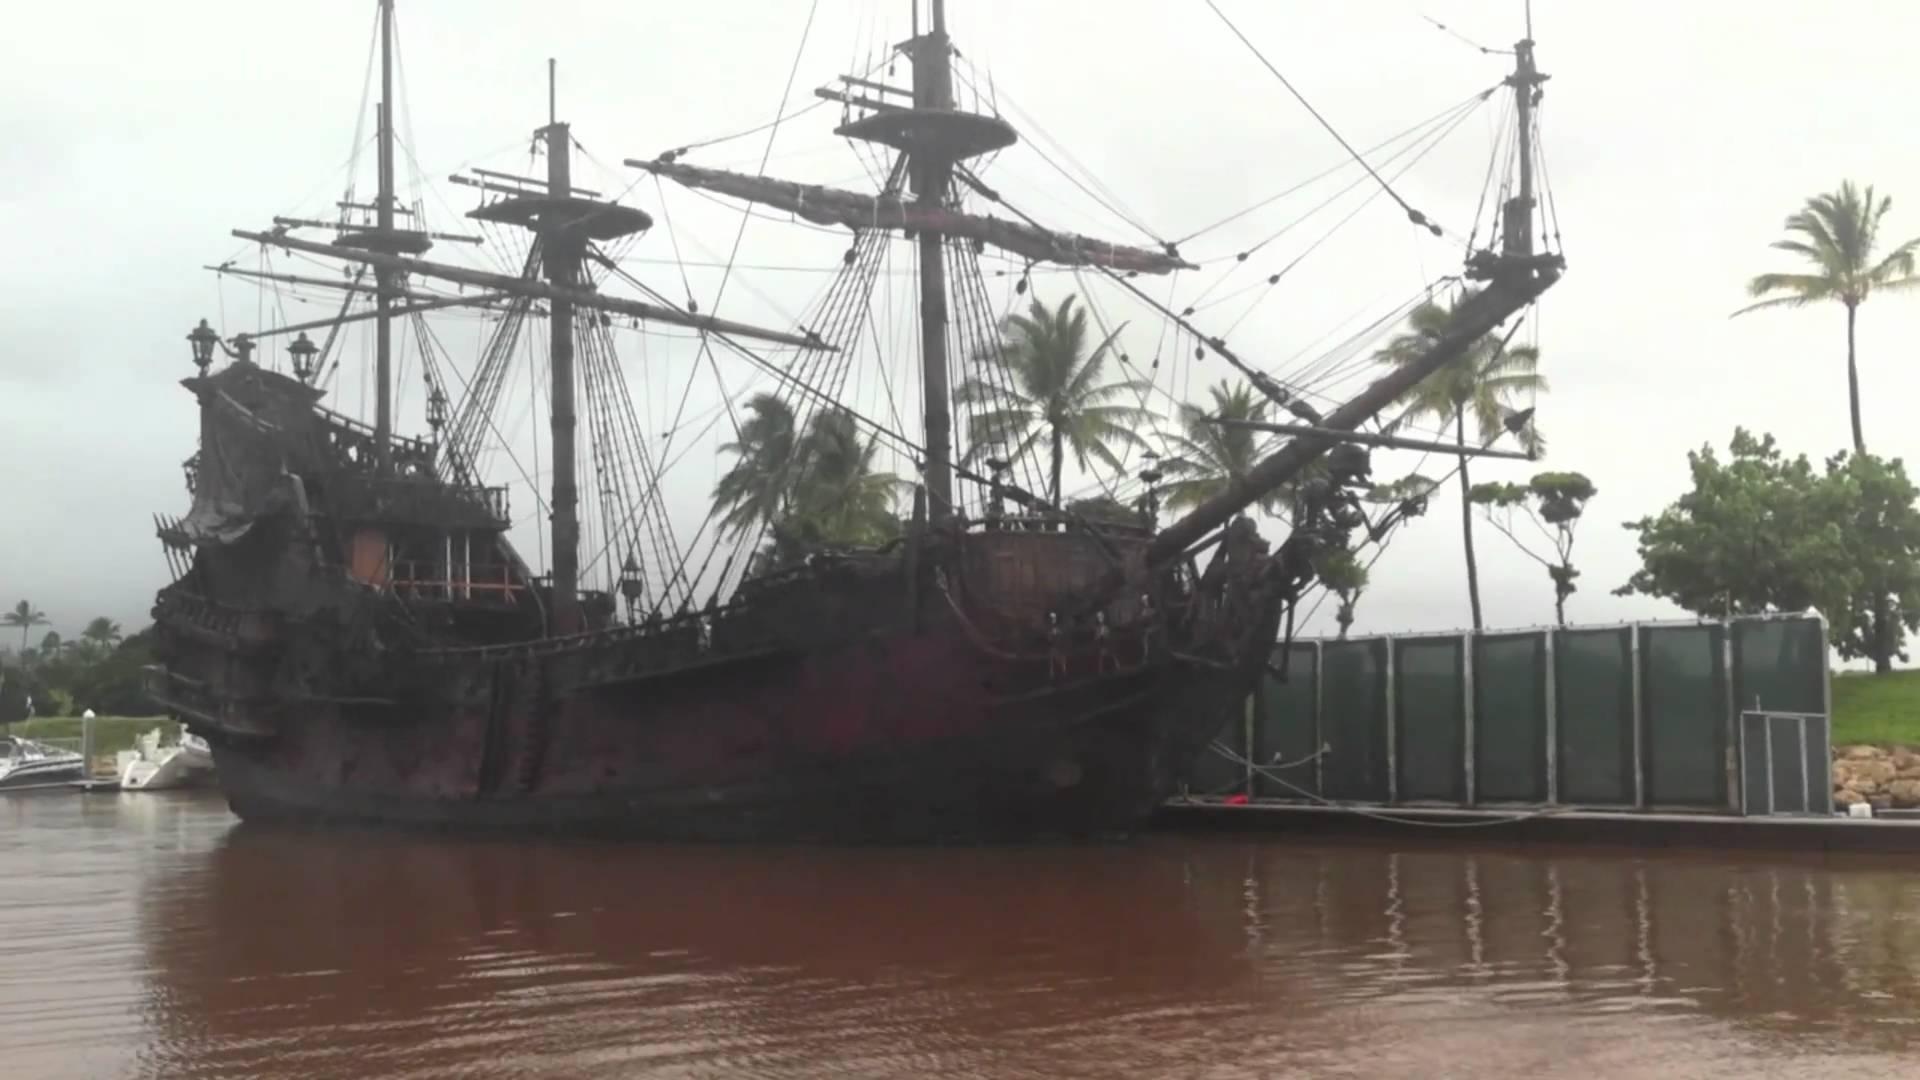 США, Флорида, корабль, обломки, кадры, фото, фрагмент корабля